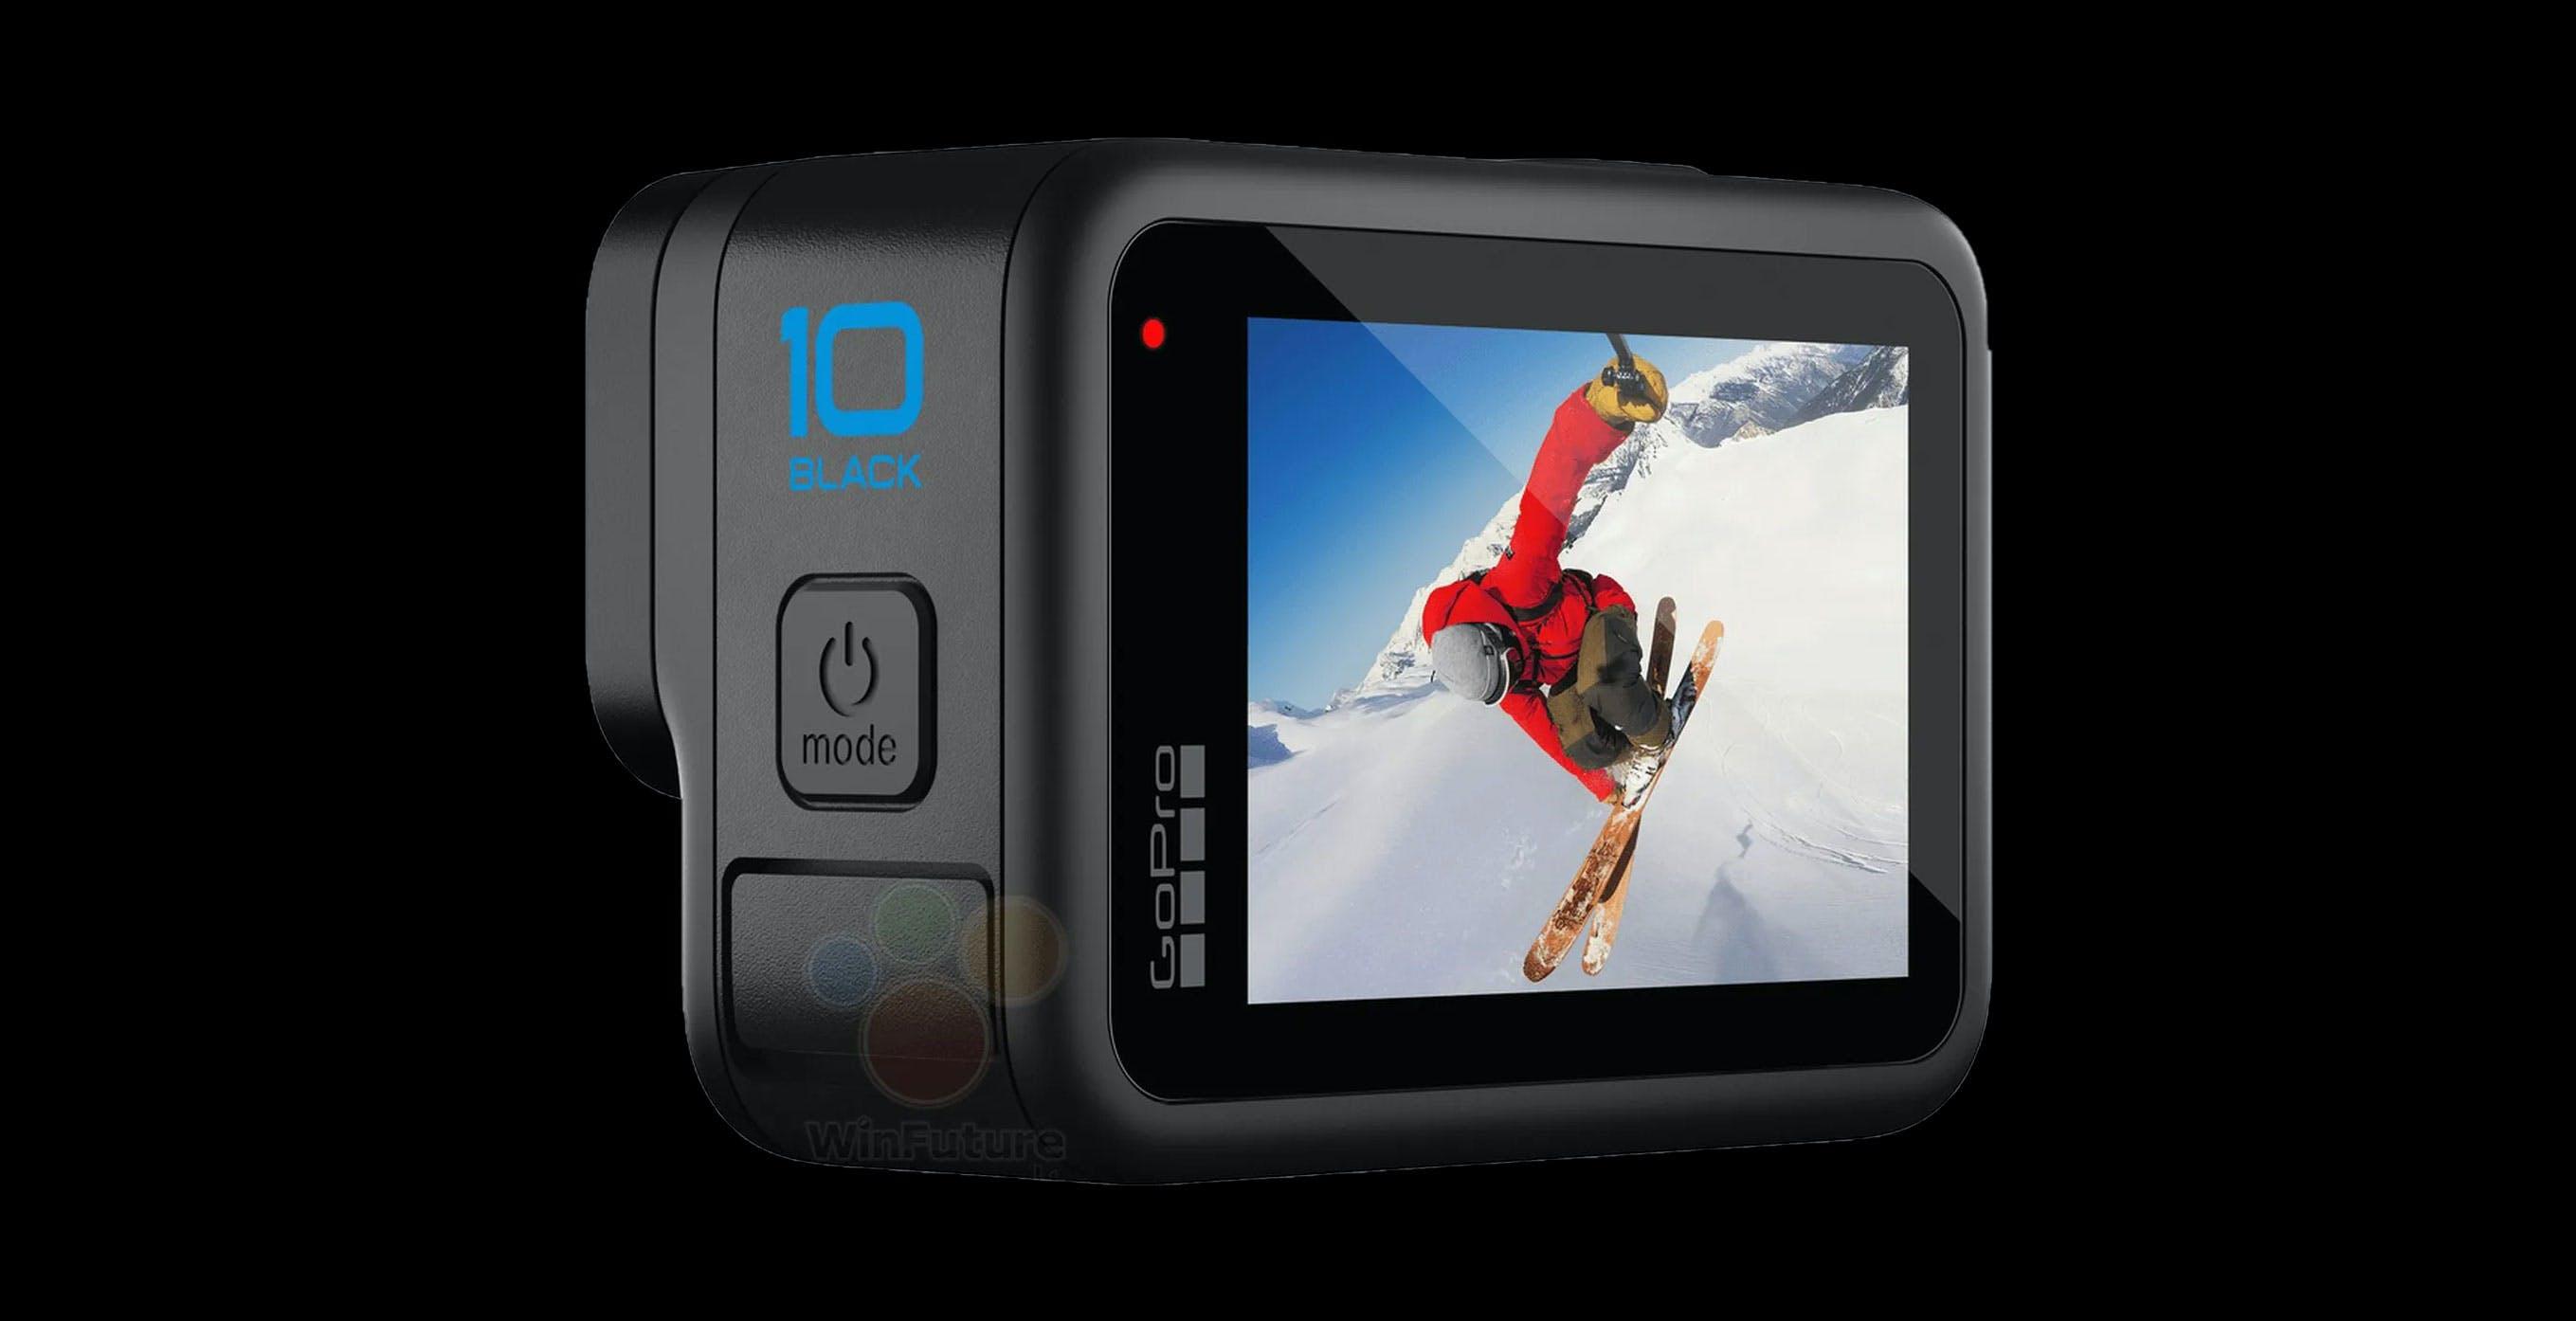 Queste sono le prime foto della nuova GoPro 10 Black